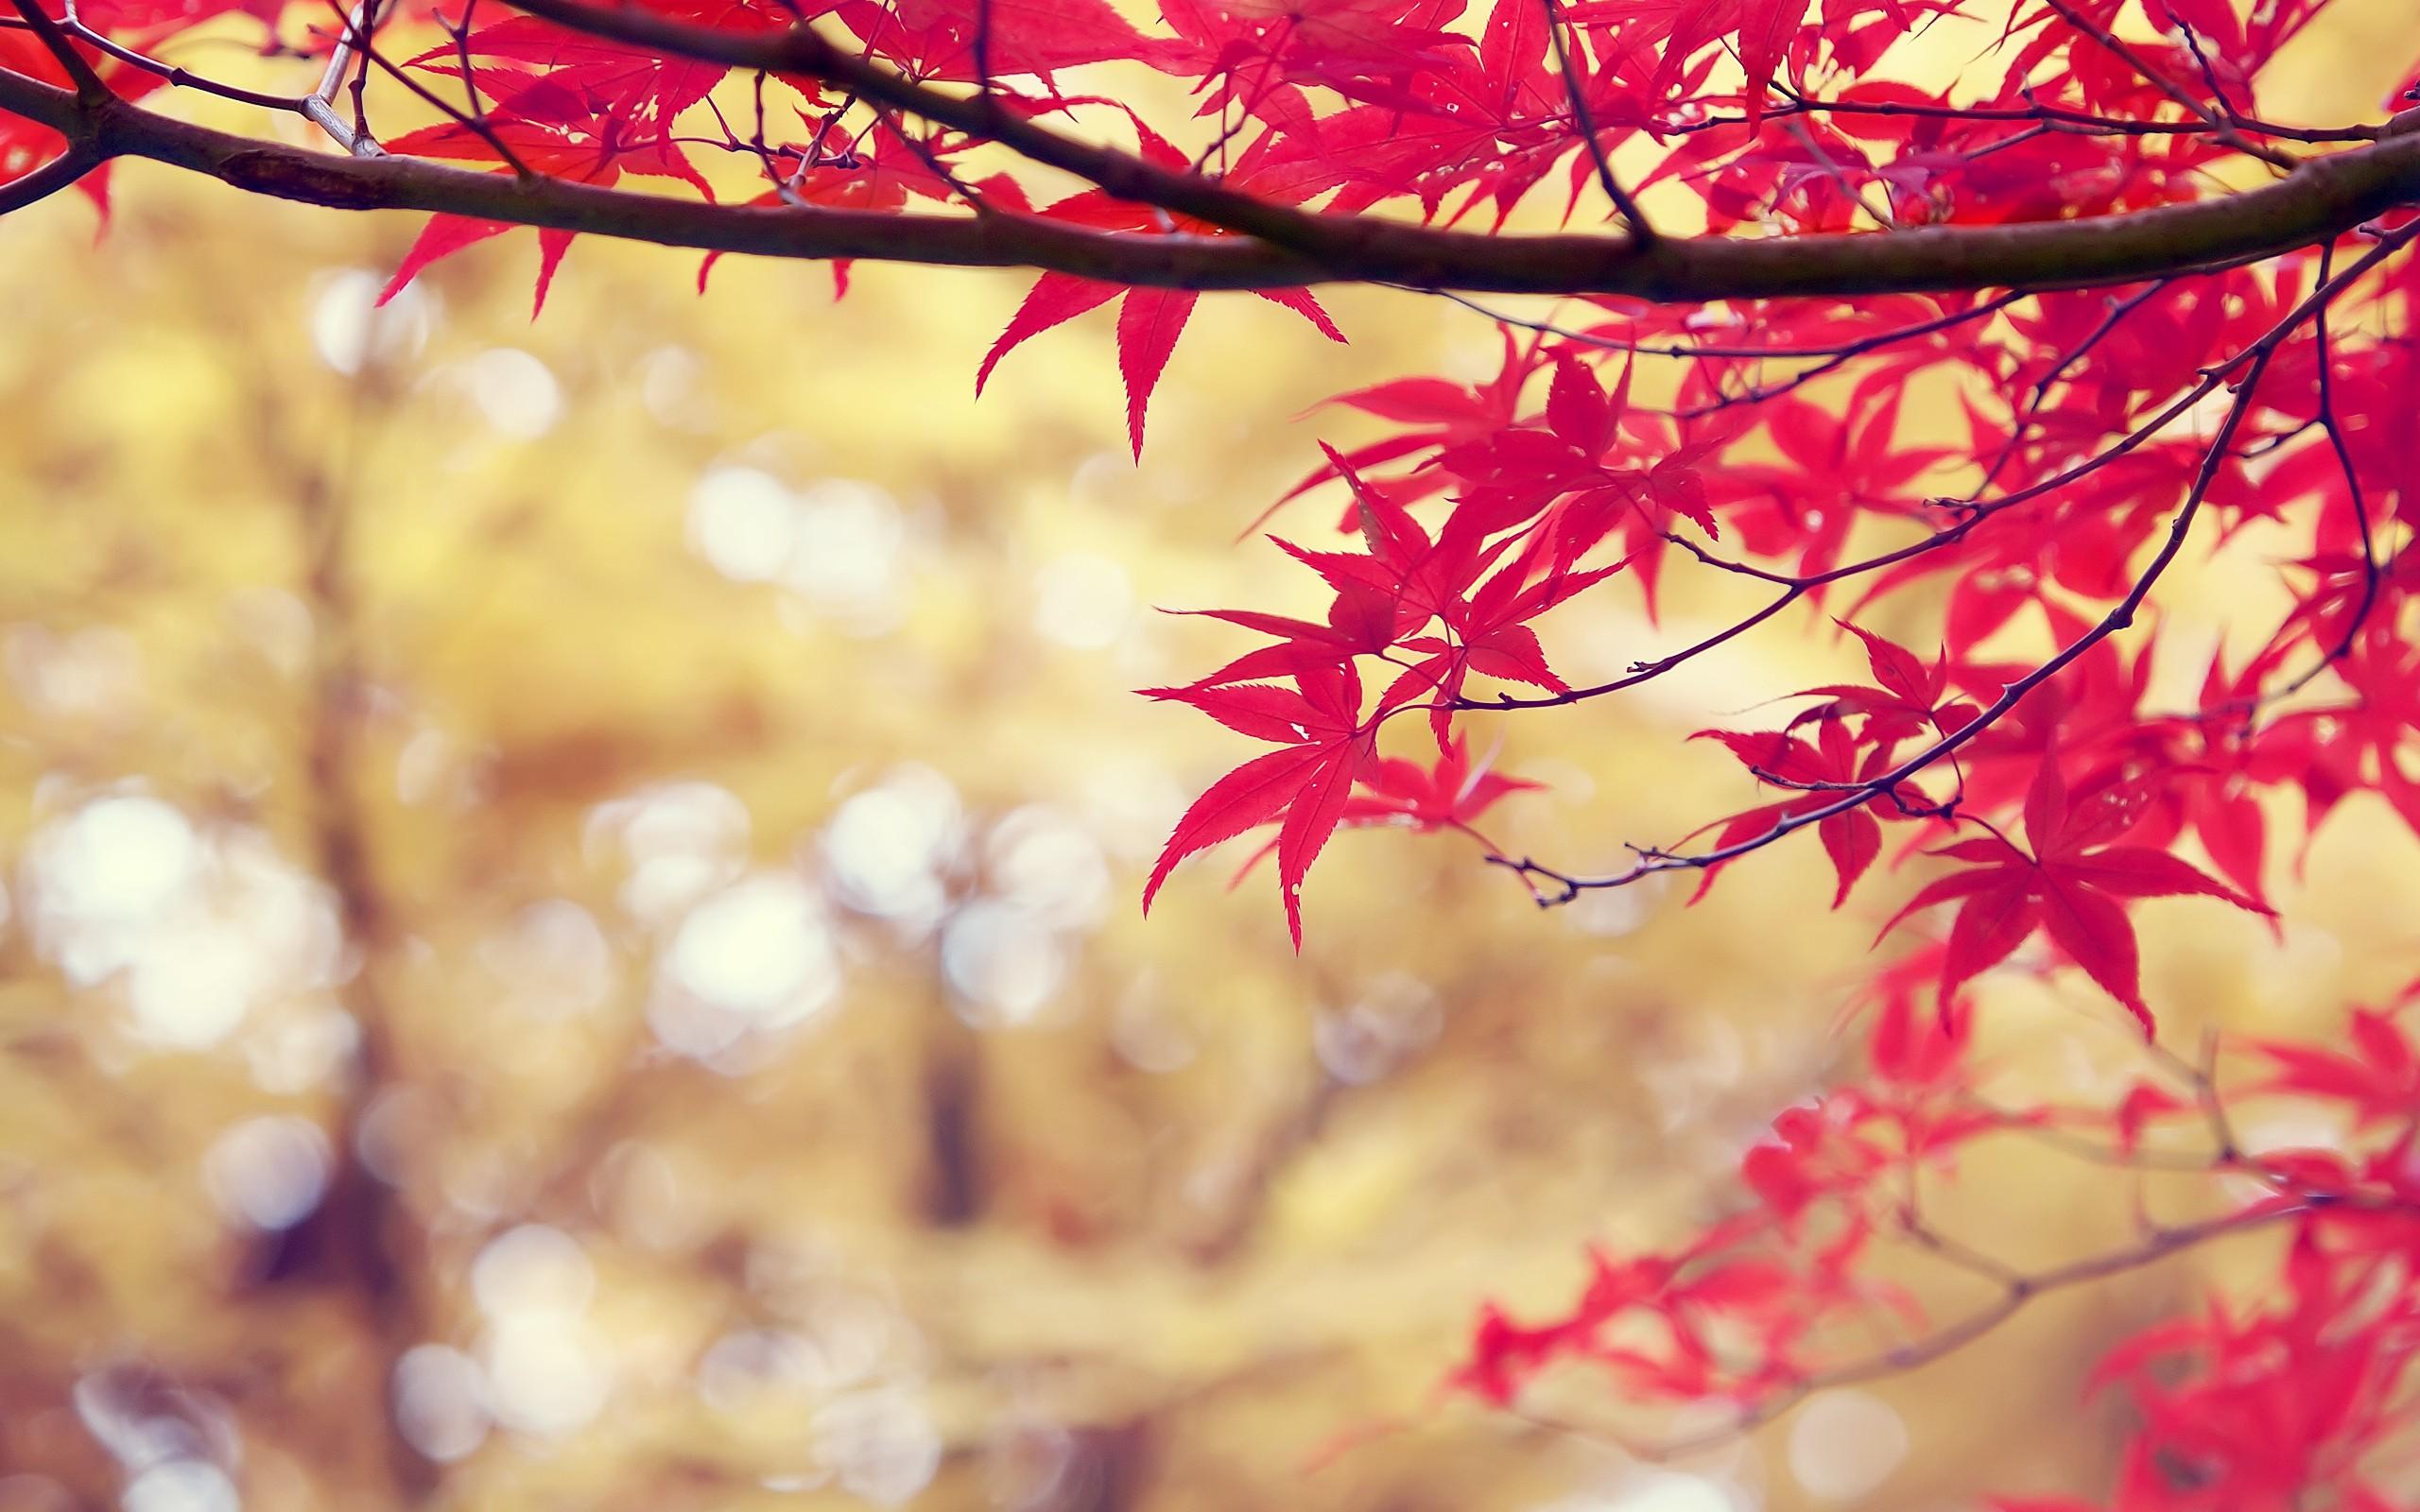 цены лучшие когда желтеют листья в архызе аромат для